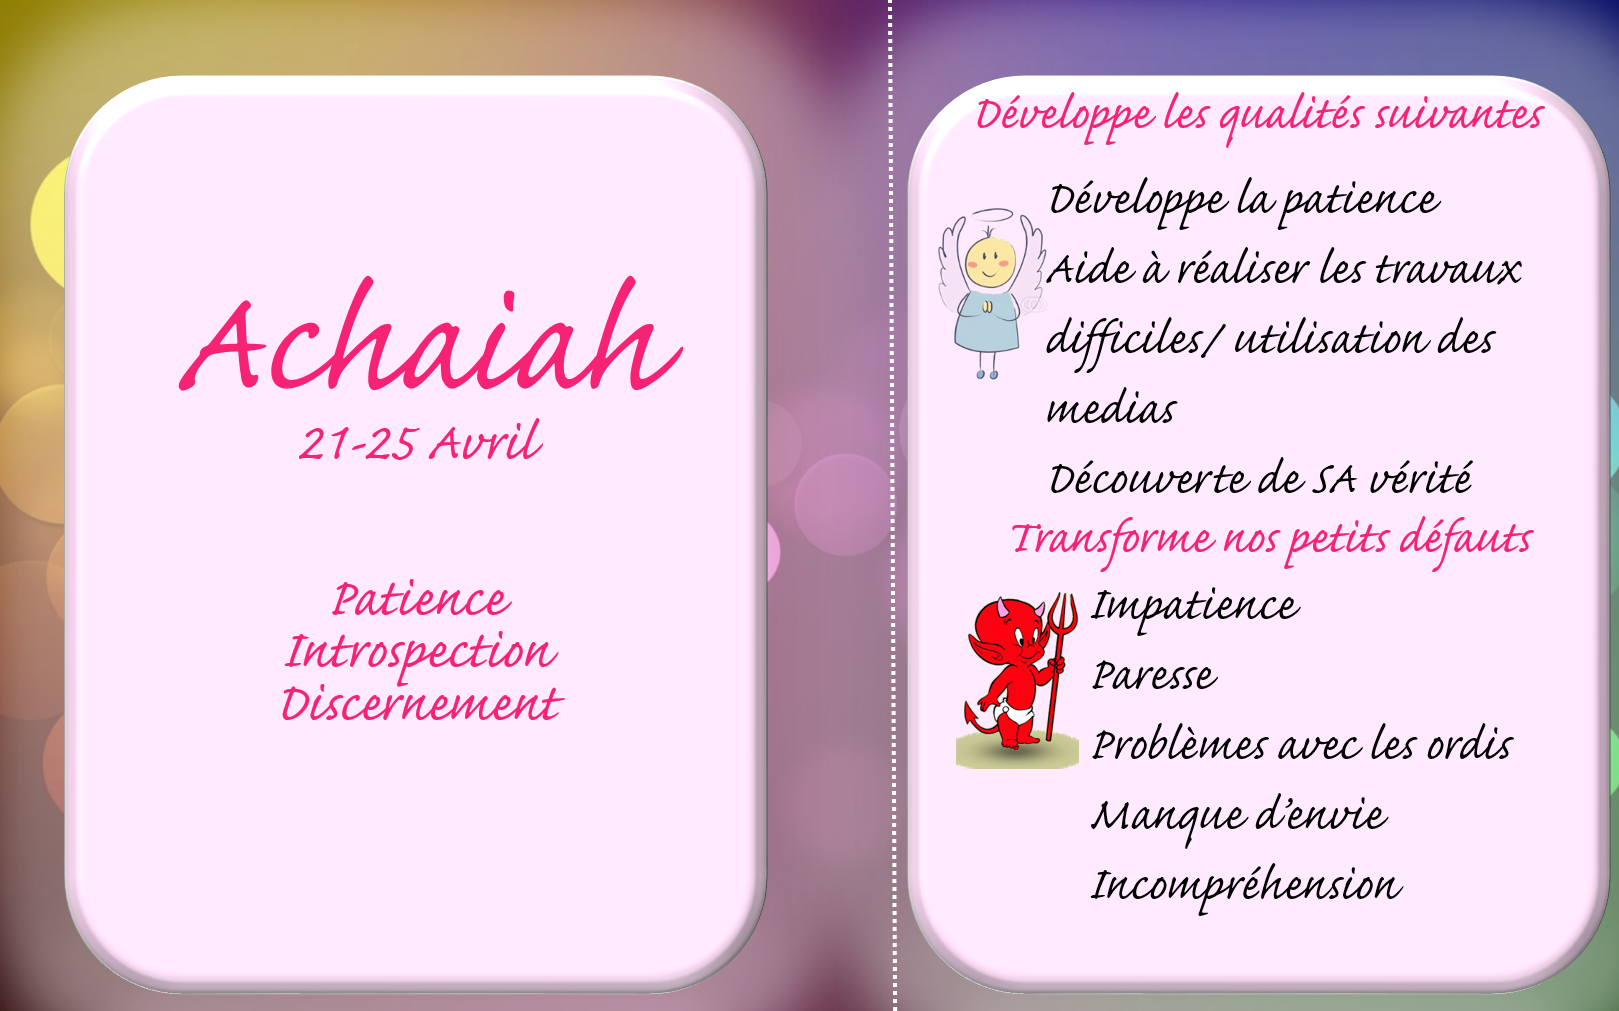 Achaiah